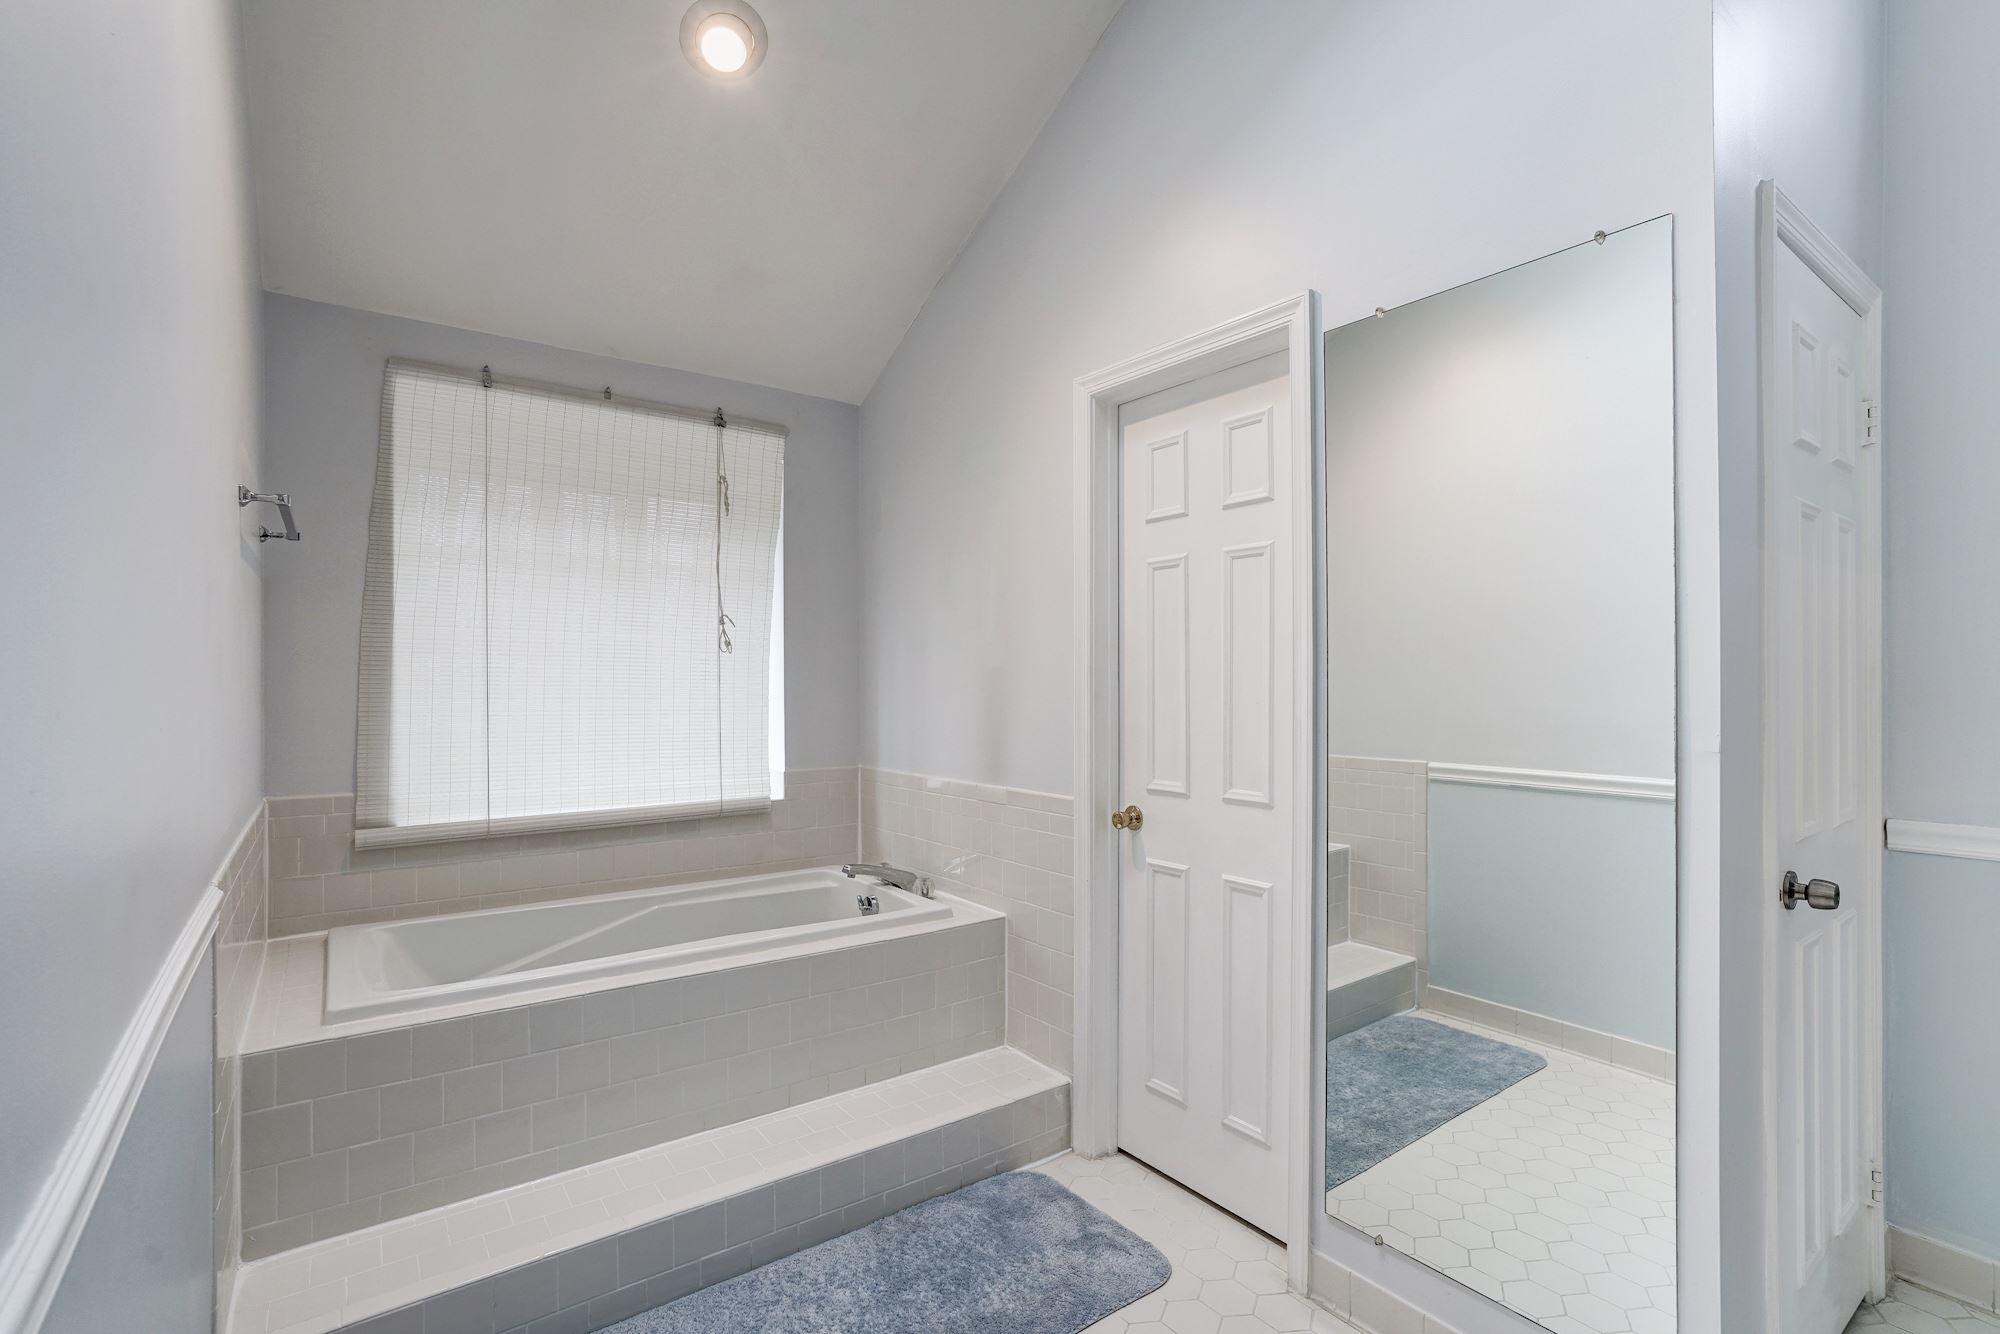 Bathroom Vanities Woodbridge 3480 Wainscott Pl S Woodbridge Va 22192